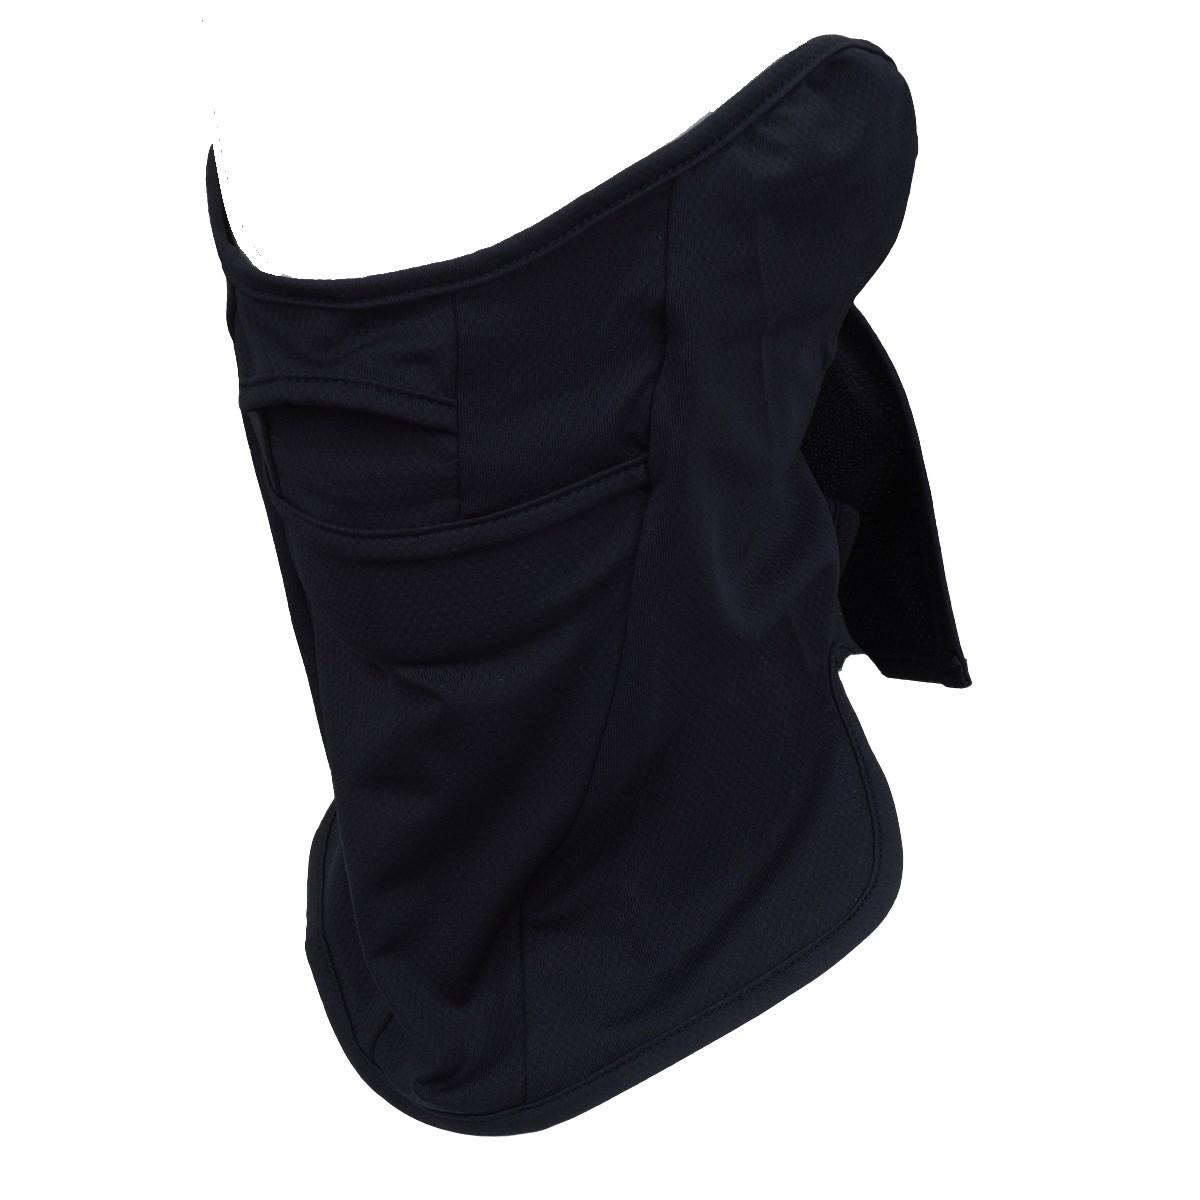 マンシングウェア Munsingwear ENVOYフェイスカバー ブラック 00 フリー レディス